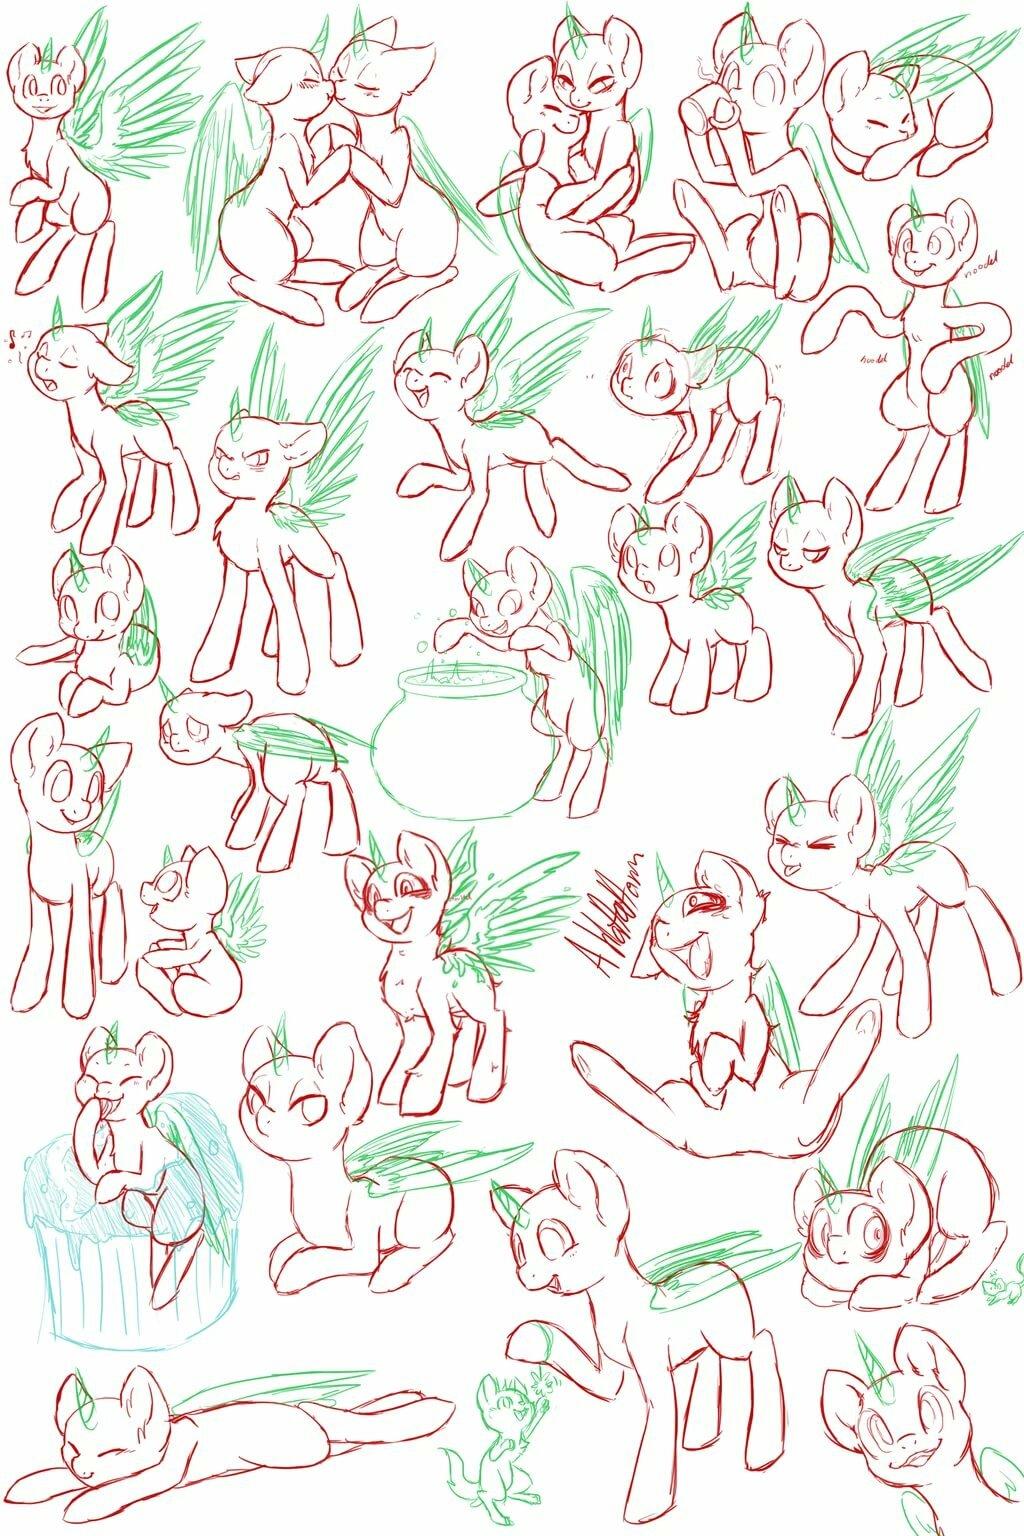 Картинки позы пони, картинки персонажей игр